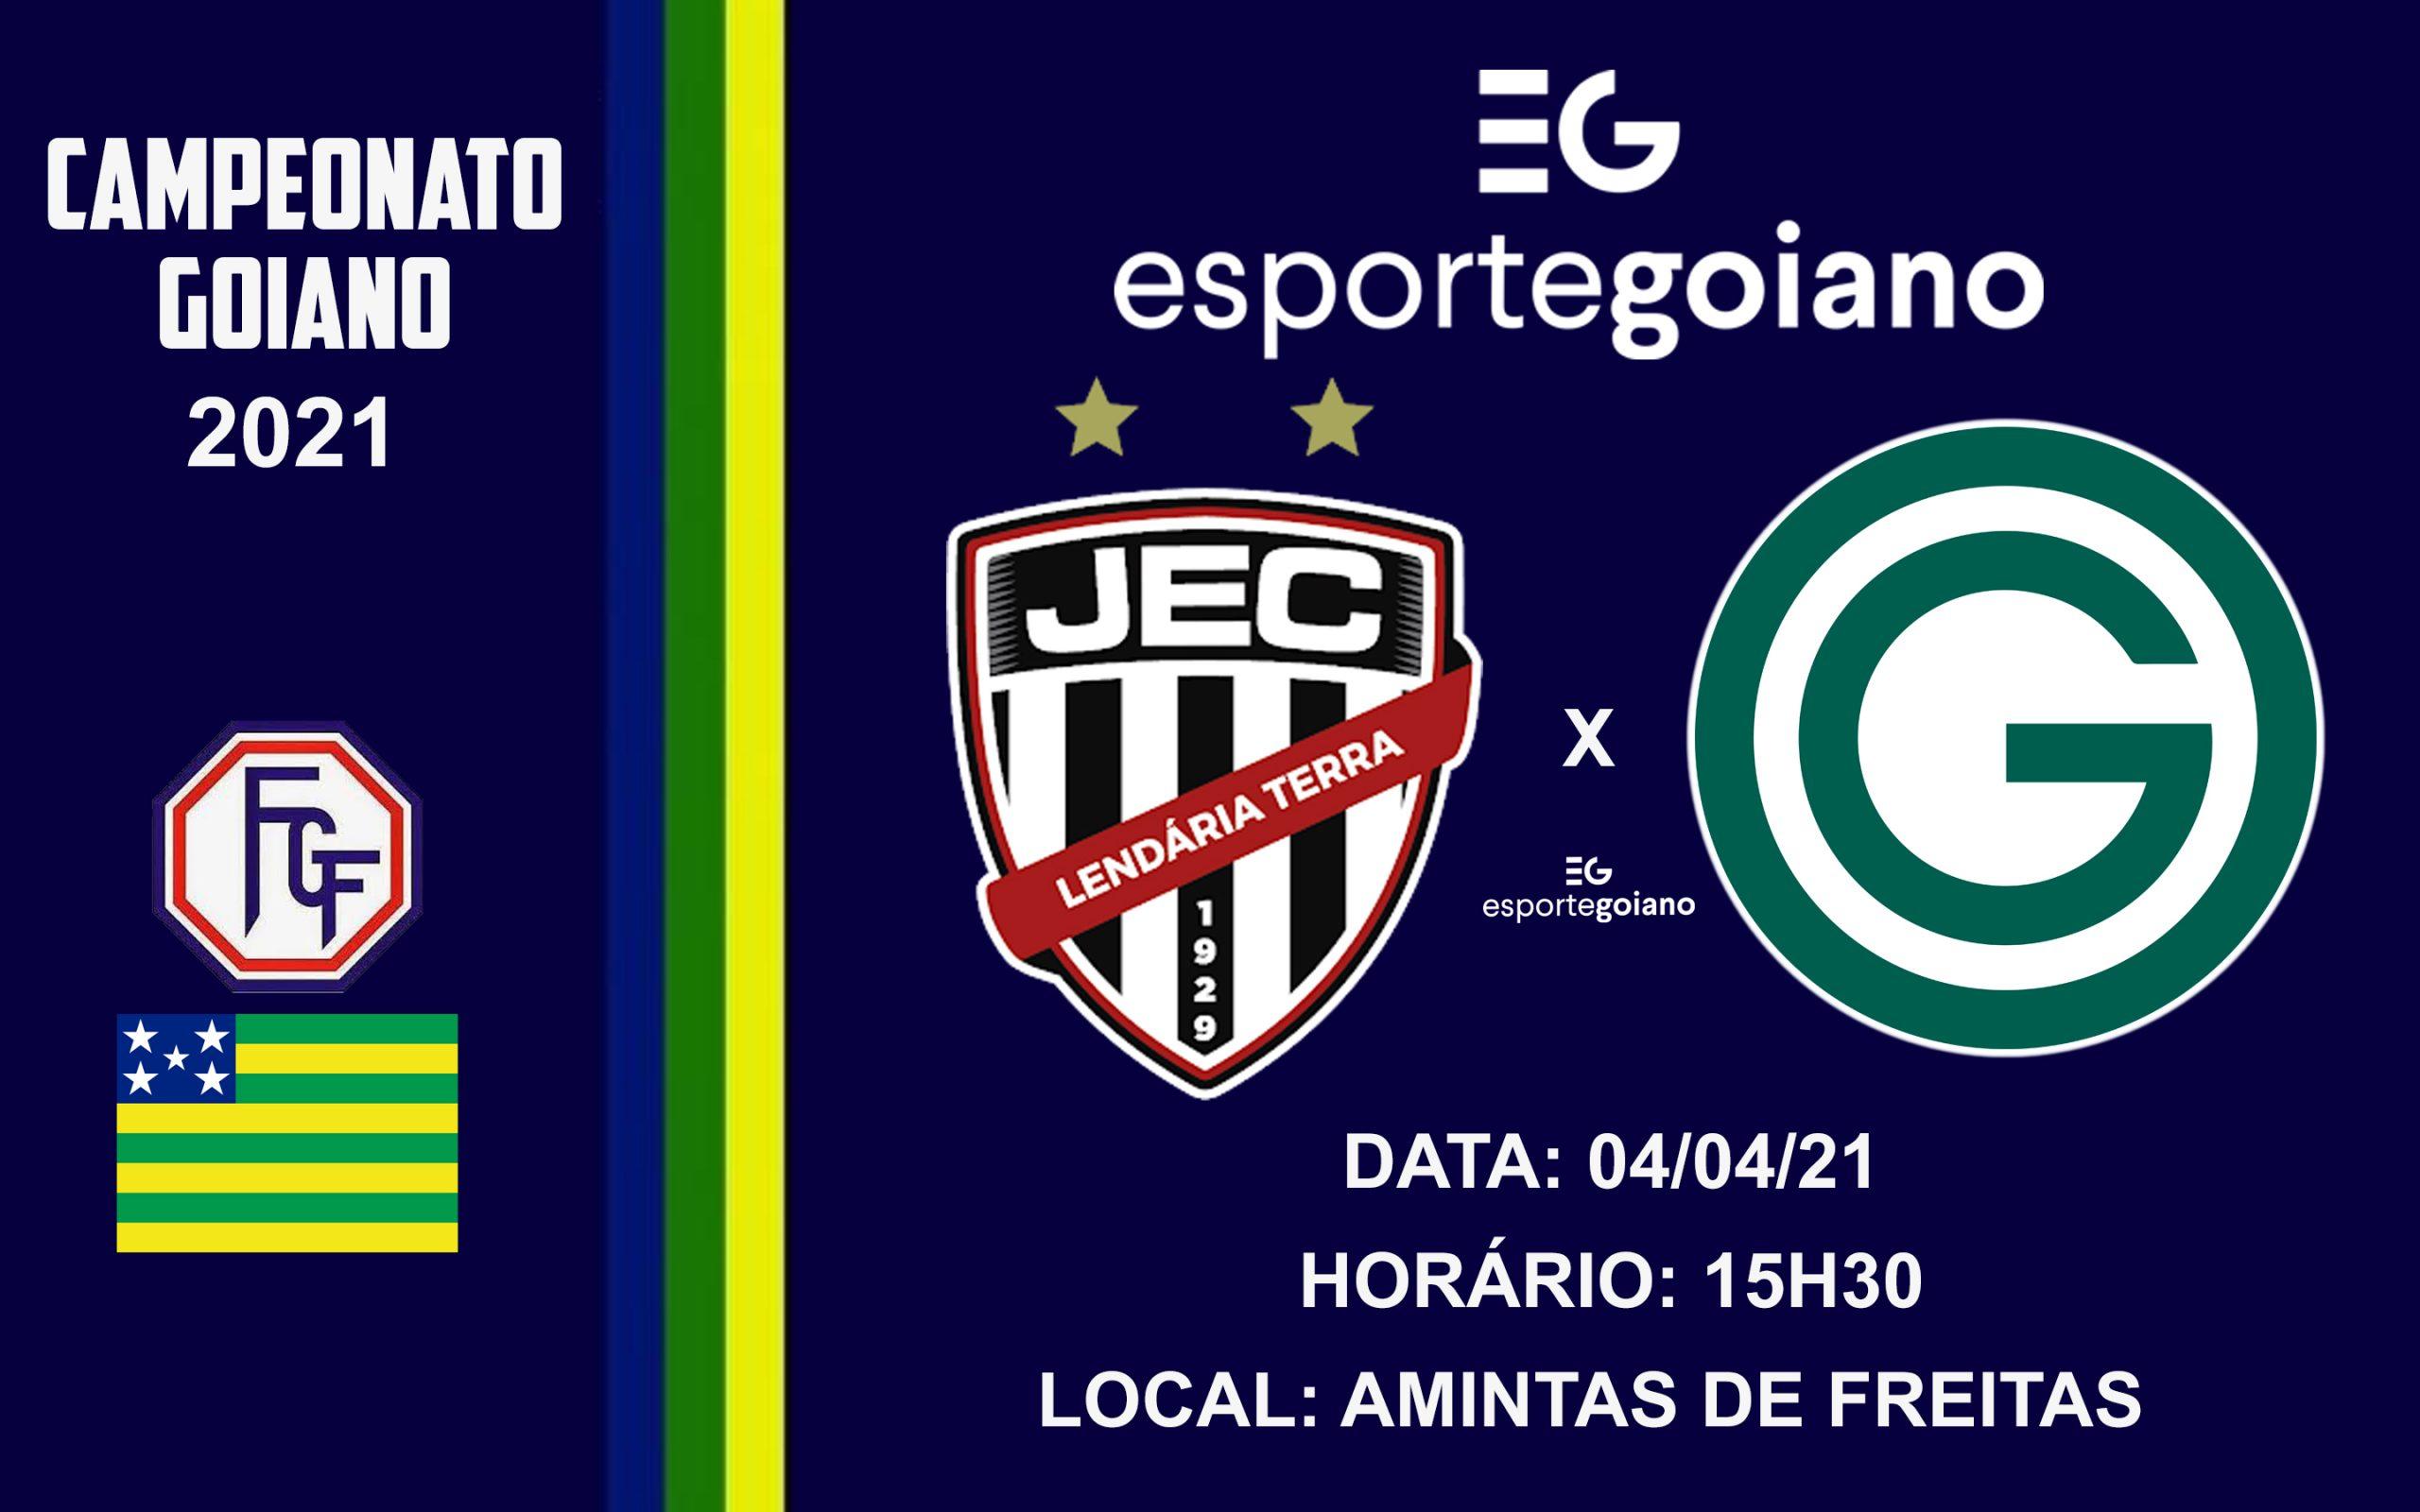 Assistir Jaraguá x Goiás ao vivo Grátis HD 04/04/2021